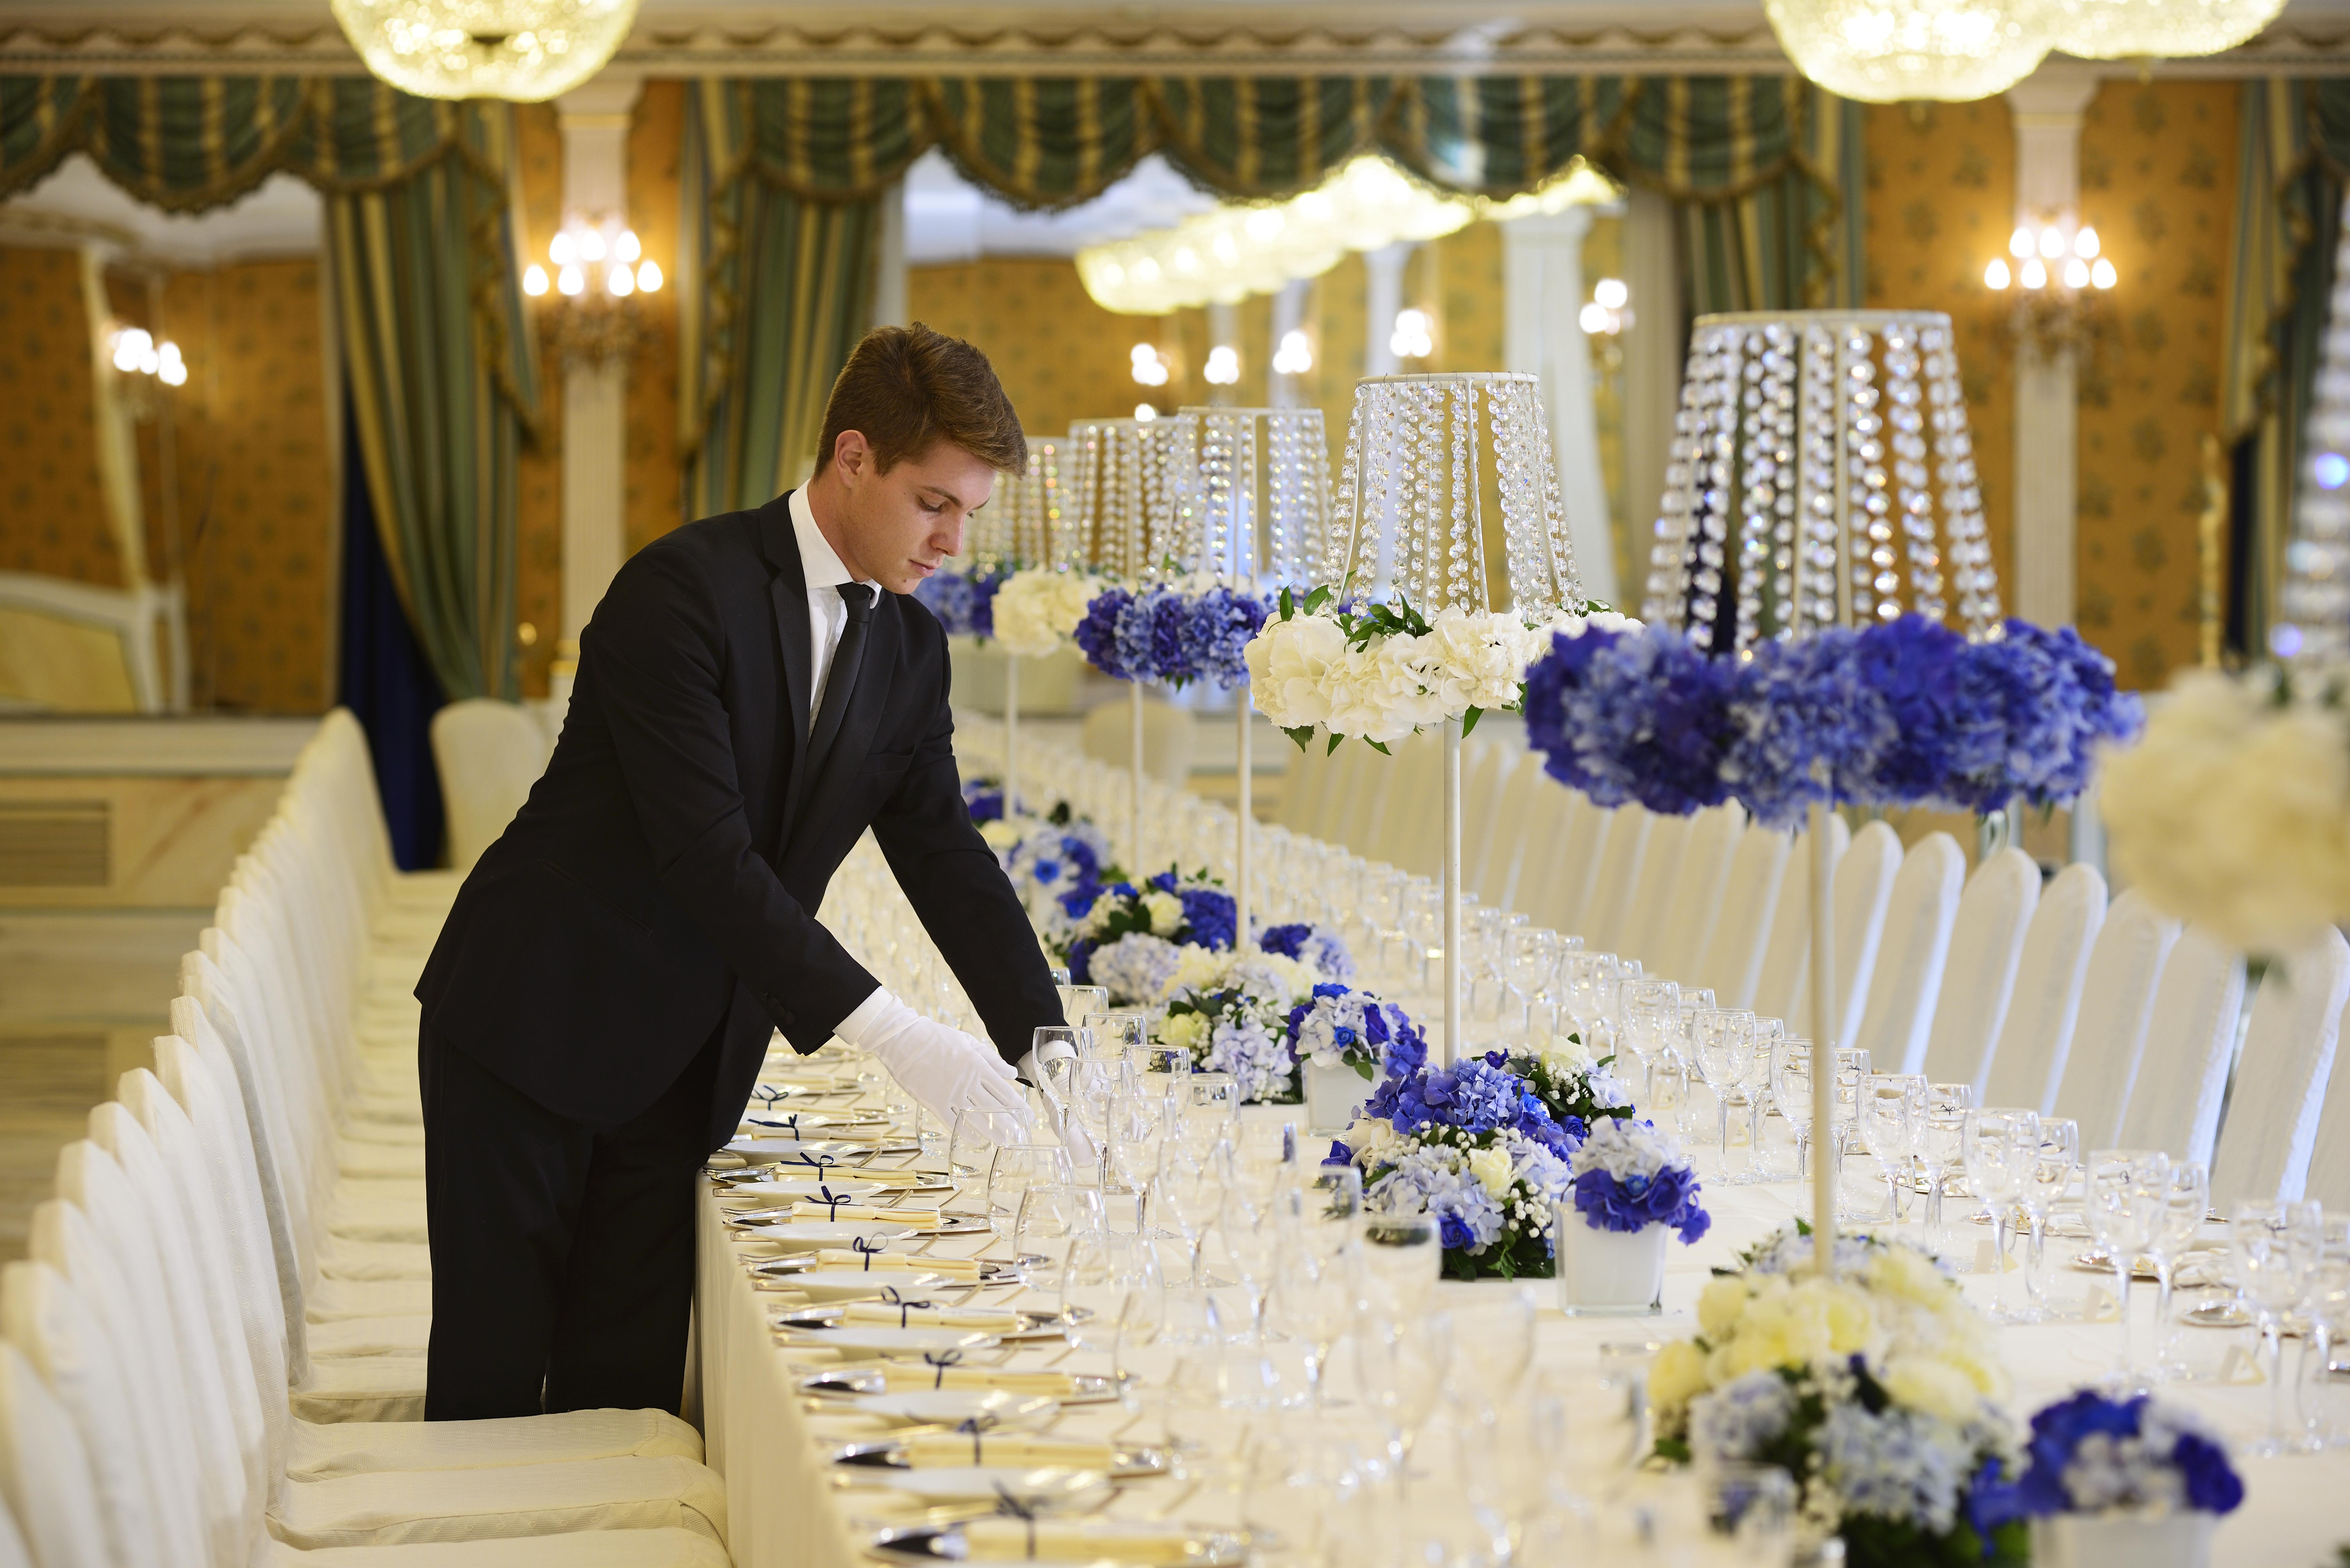 Servizio wedding 2